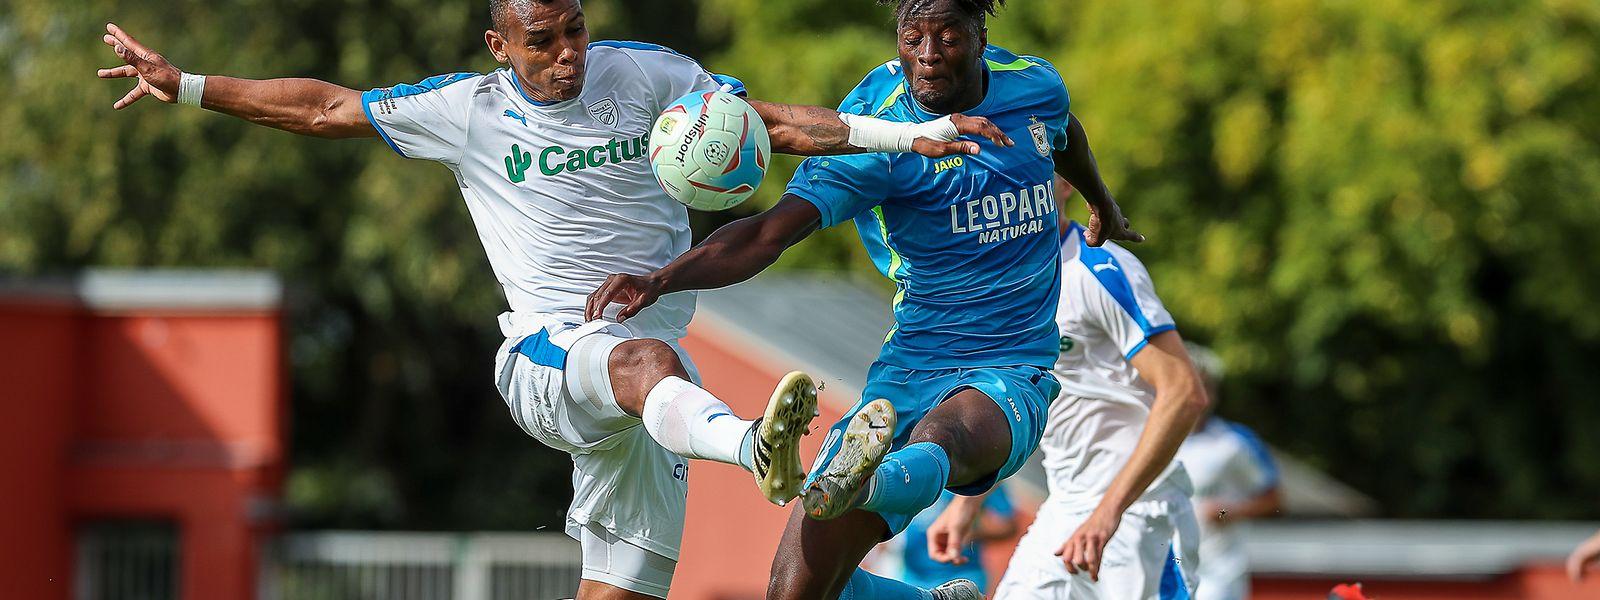 Drôle de pas de deux pour Laurent Mendy (F91 Dudelange, en bleu, à dr.) et Henrique Da Silva (Racing, à g.) dimanche au stade Jos Nosbaum